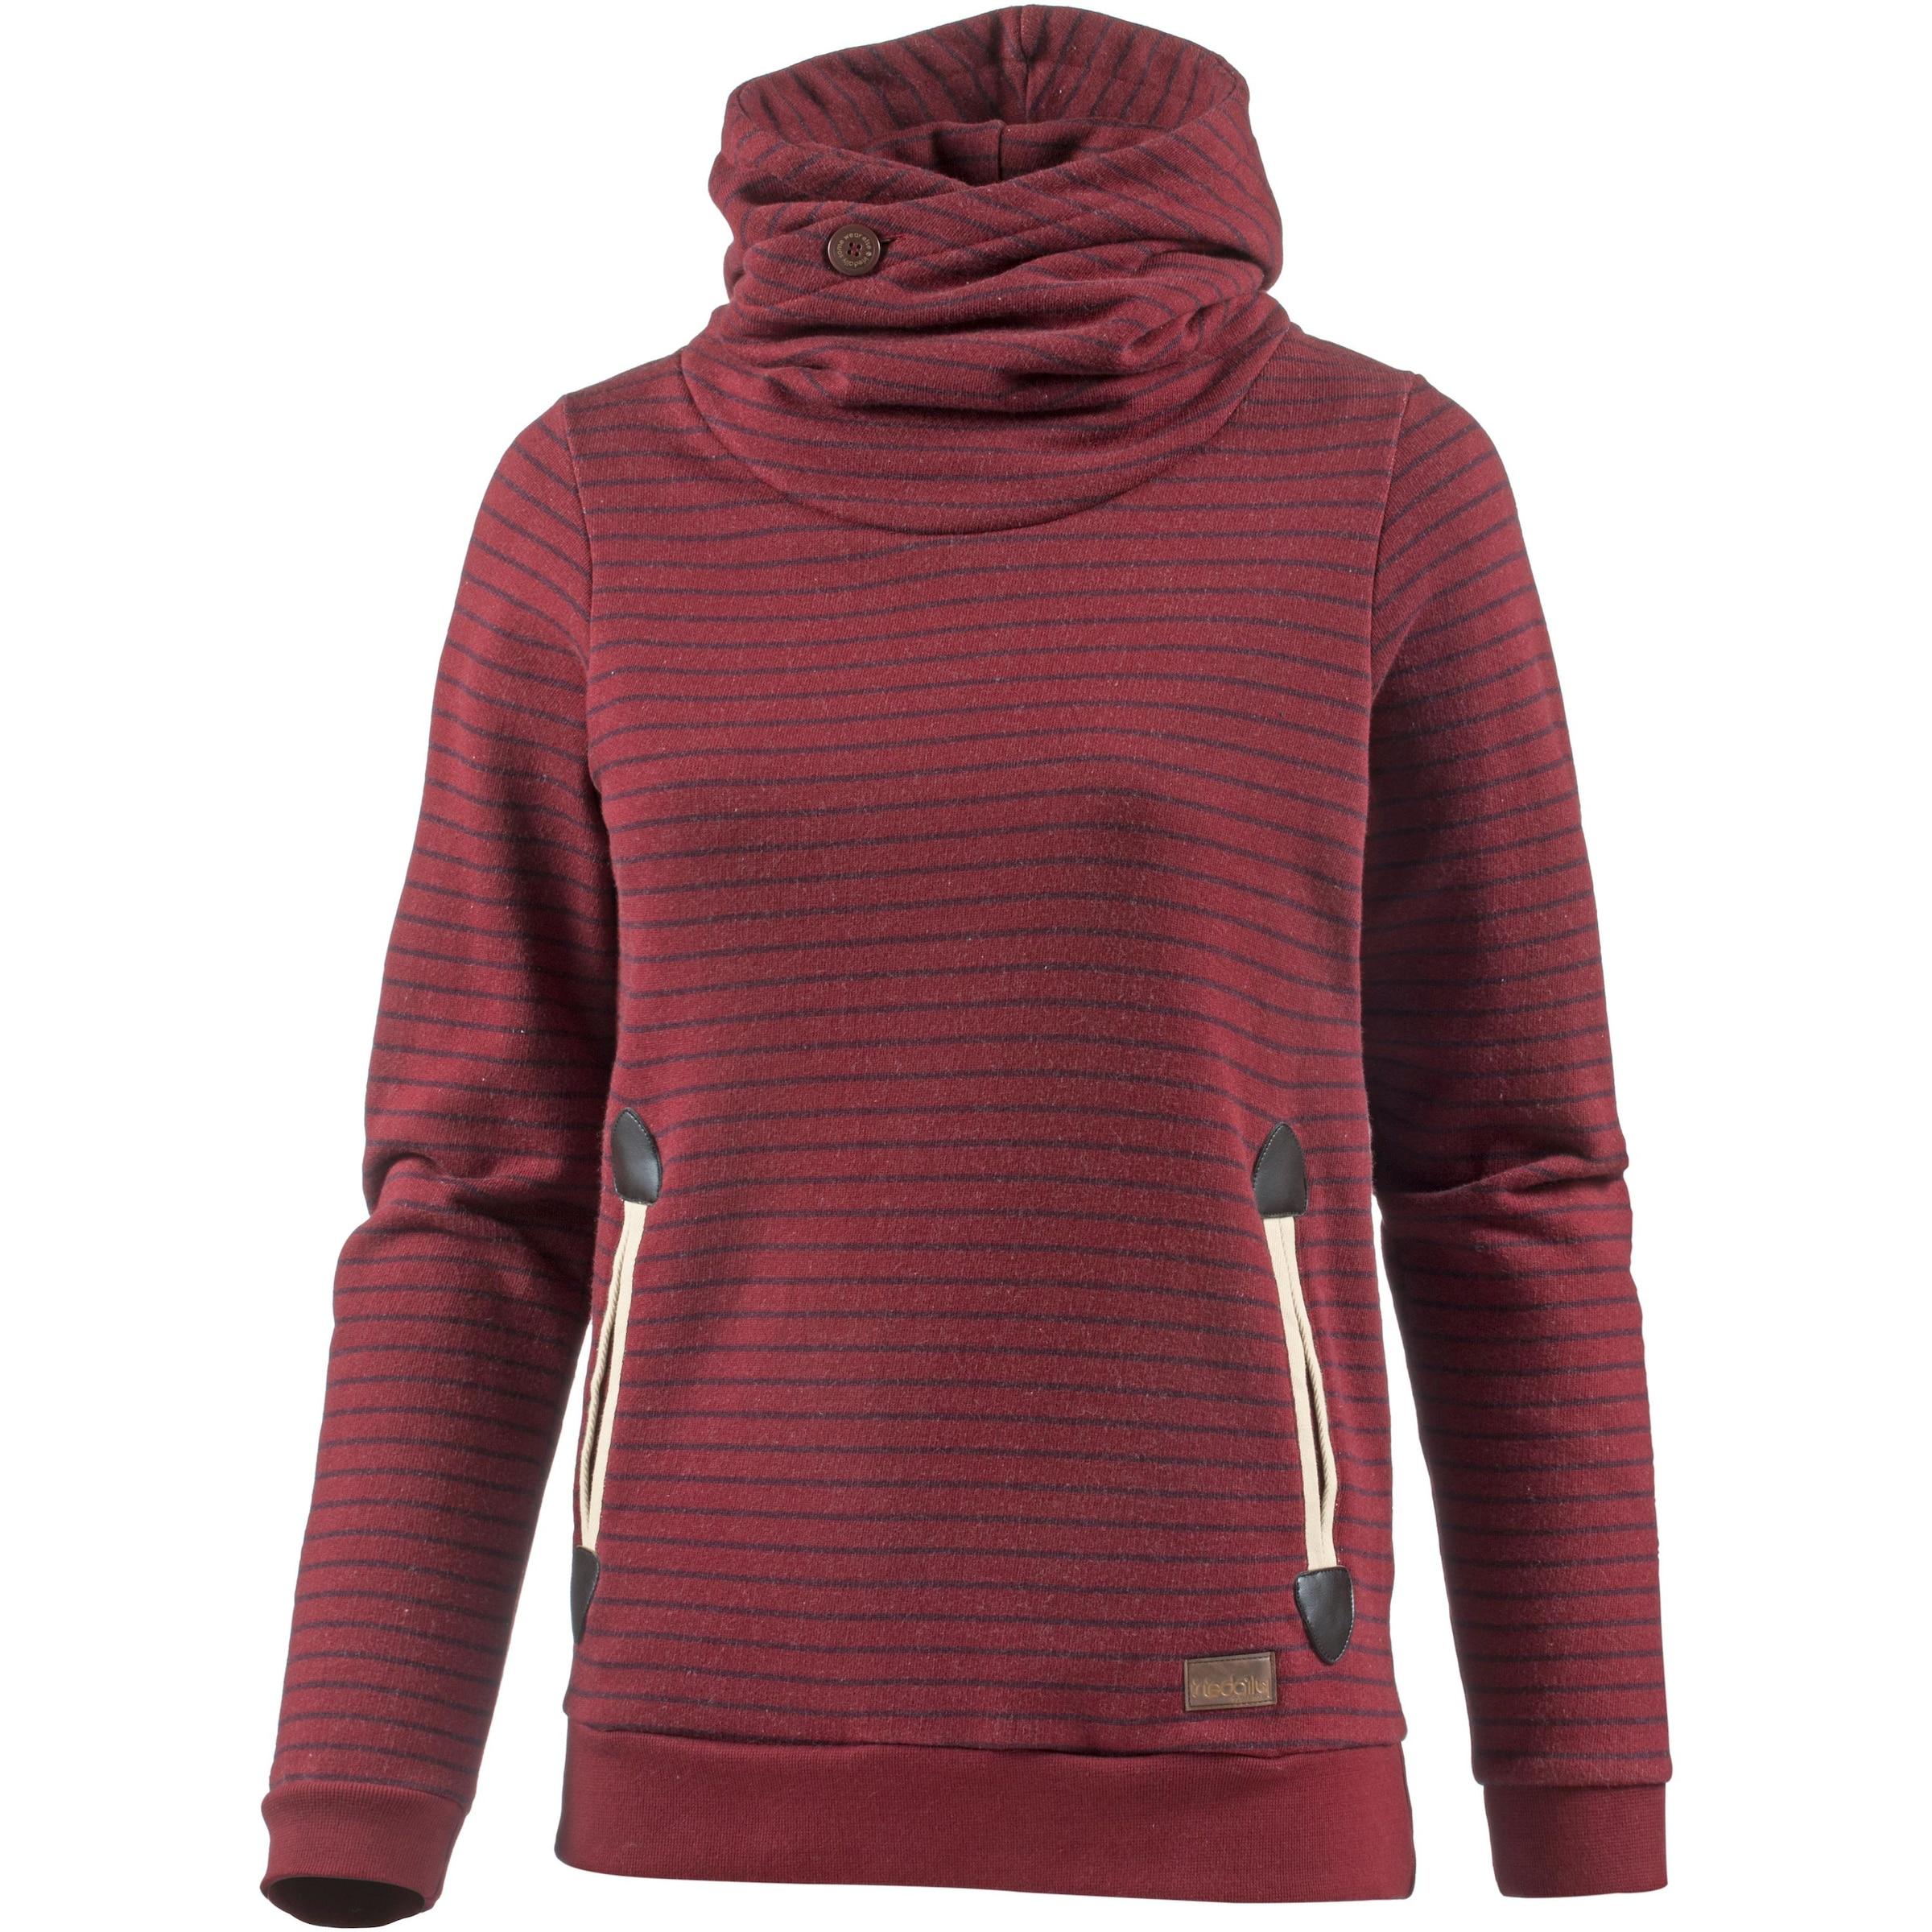 Iriedaily Sweatshirt Outlet Großer Rabatt Billig Verkauf Genießen Orange 100% Original 9iLFIFqN